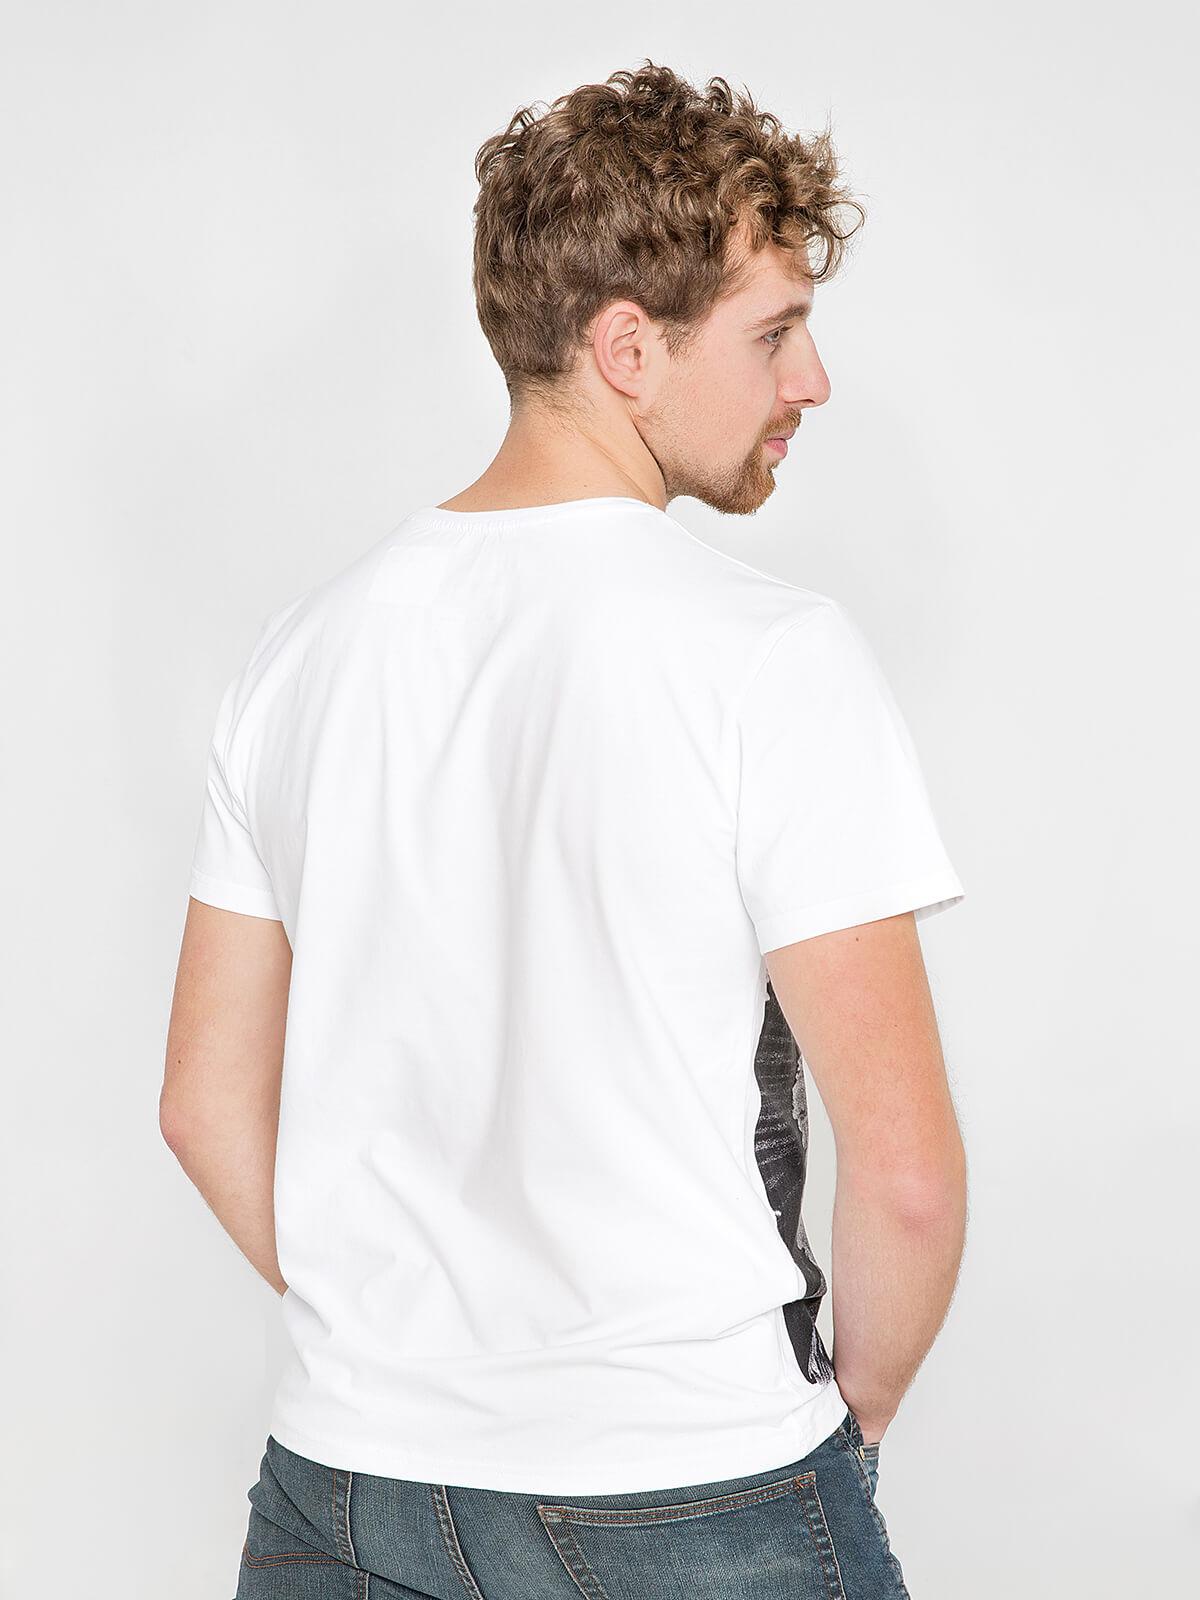 Men's T-Shirt Stork. Color white.  Material: 95% cotton, 5% spandex.